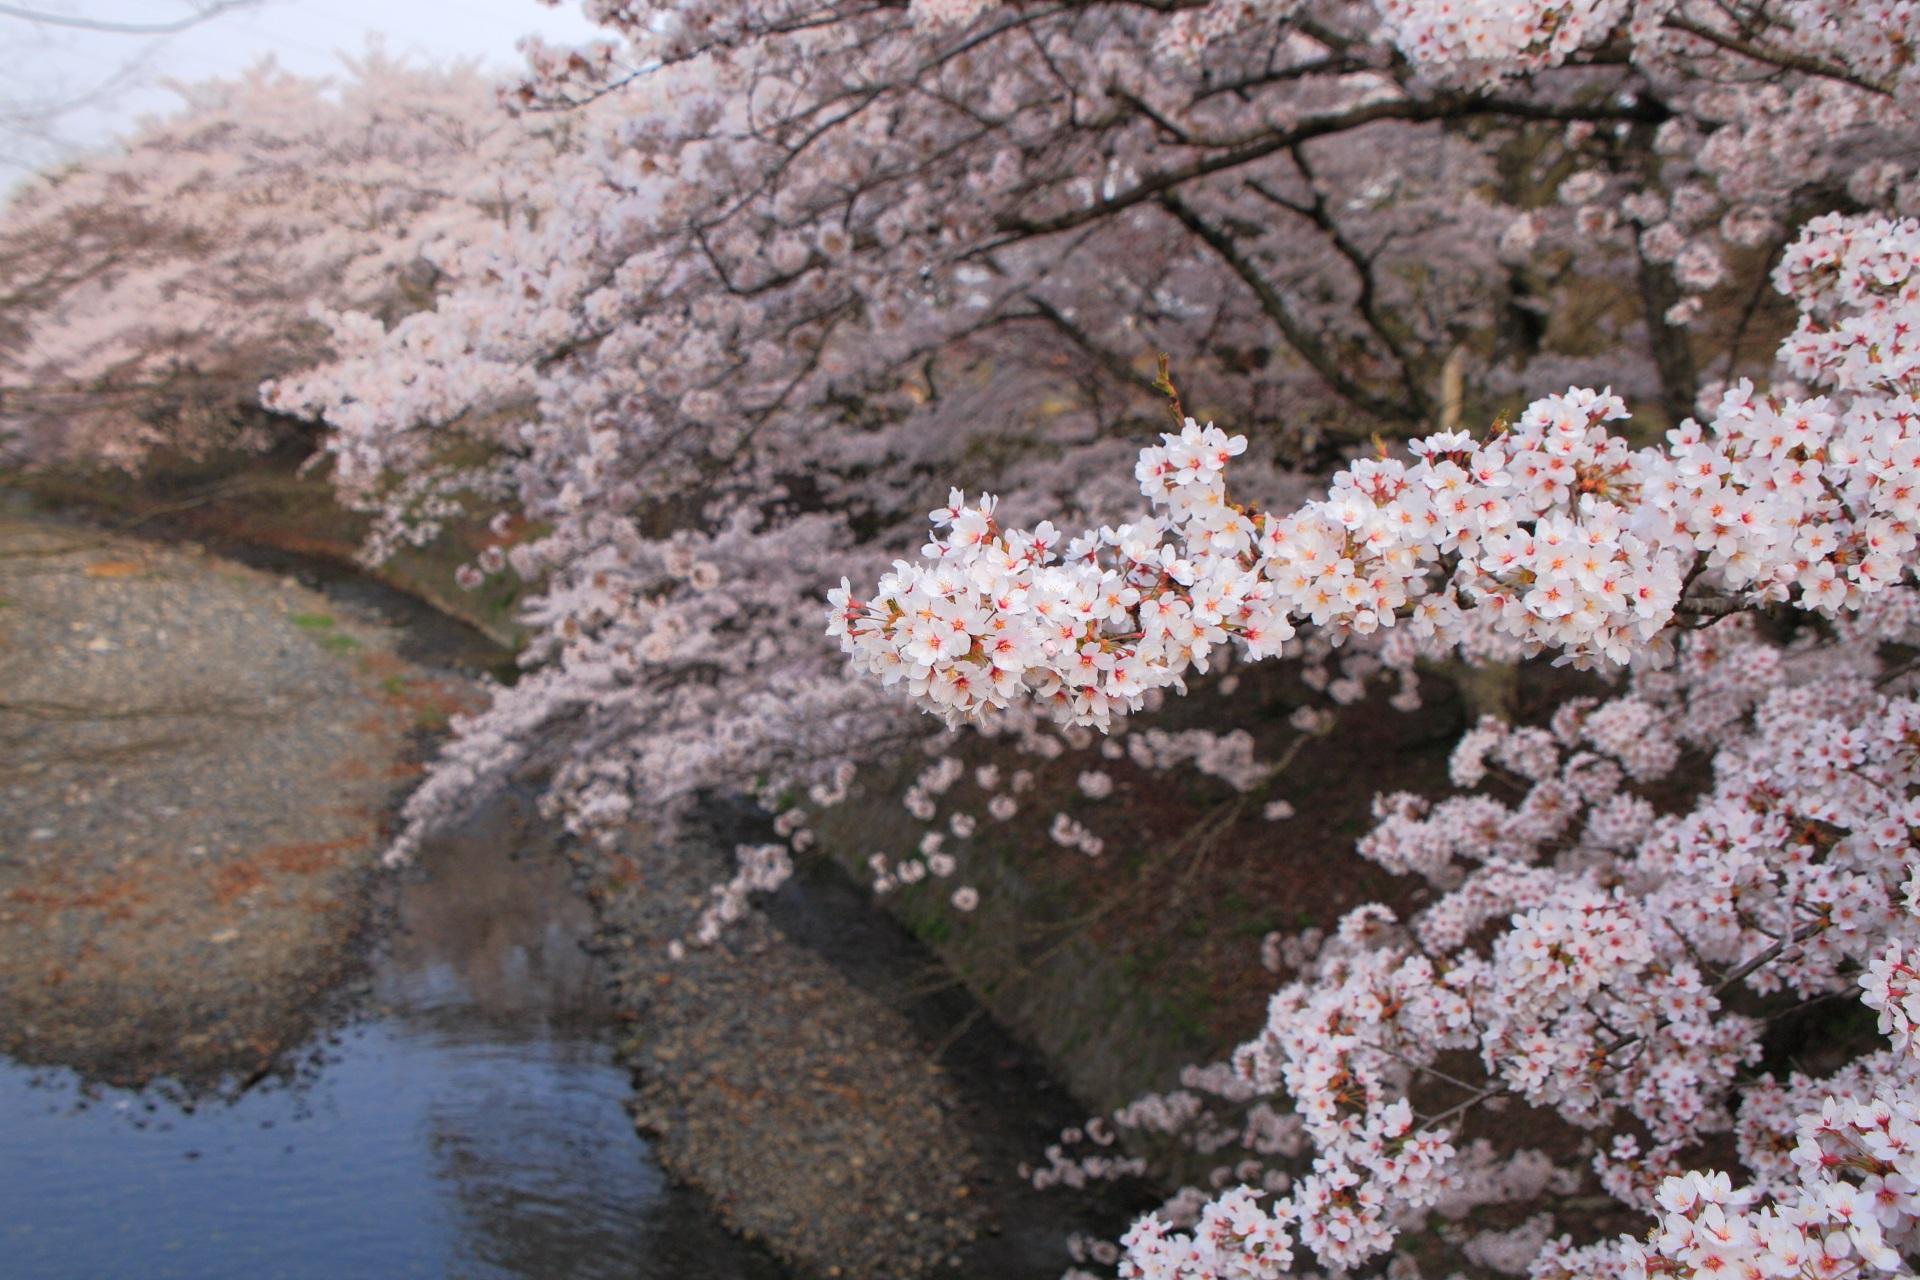 七谷川を優雅に彩る桜